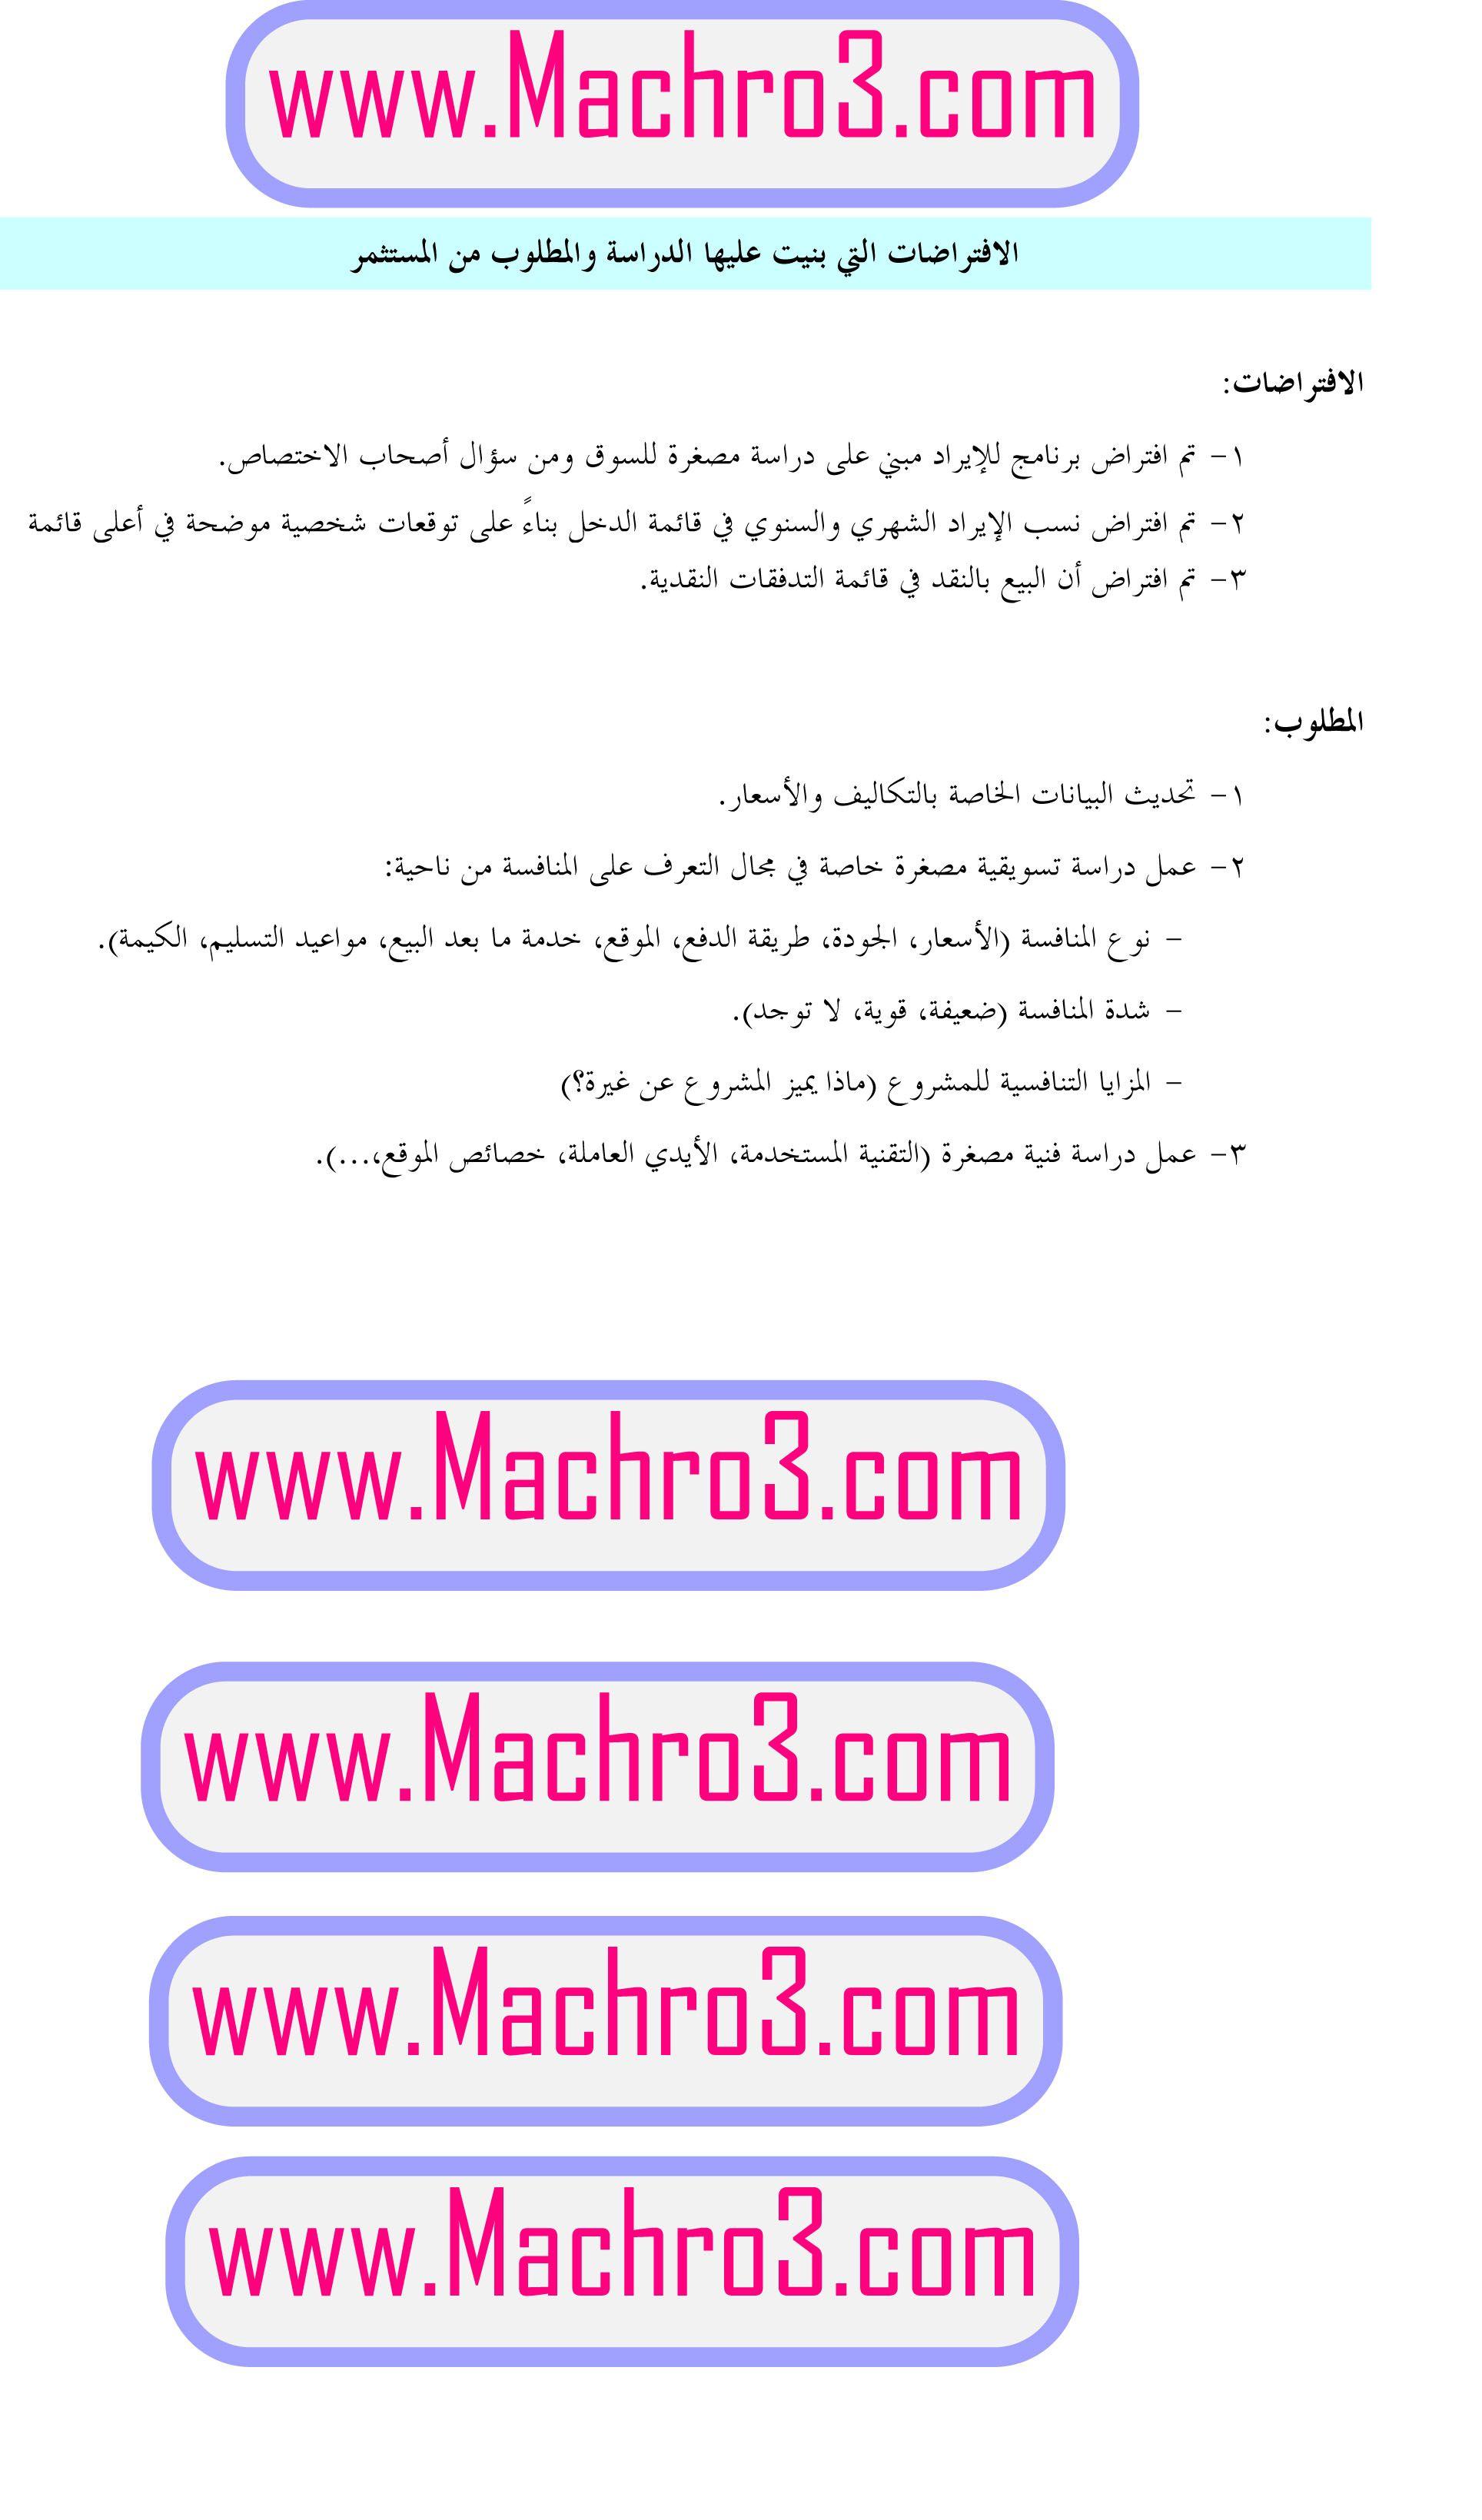 Pin By موقع مشروع Mchro3 Com On دراسة جدوى جاهزة مجانا مشروع ورشة حدادة Ios